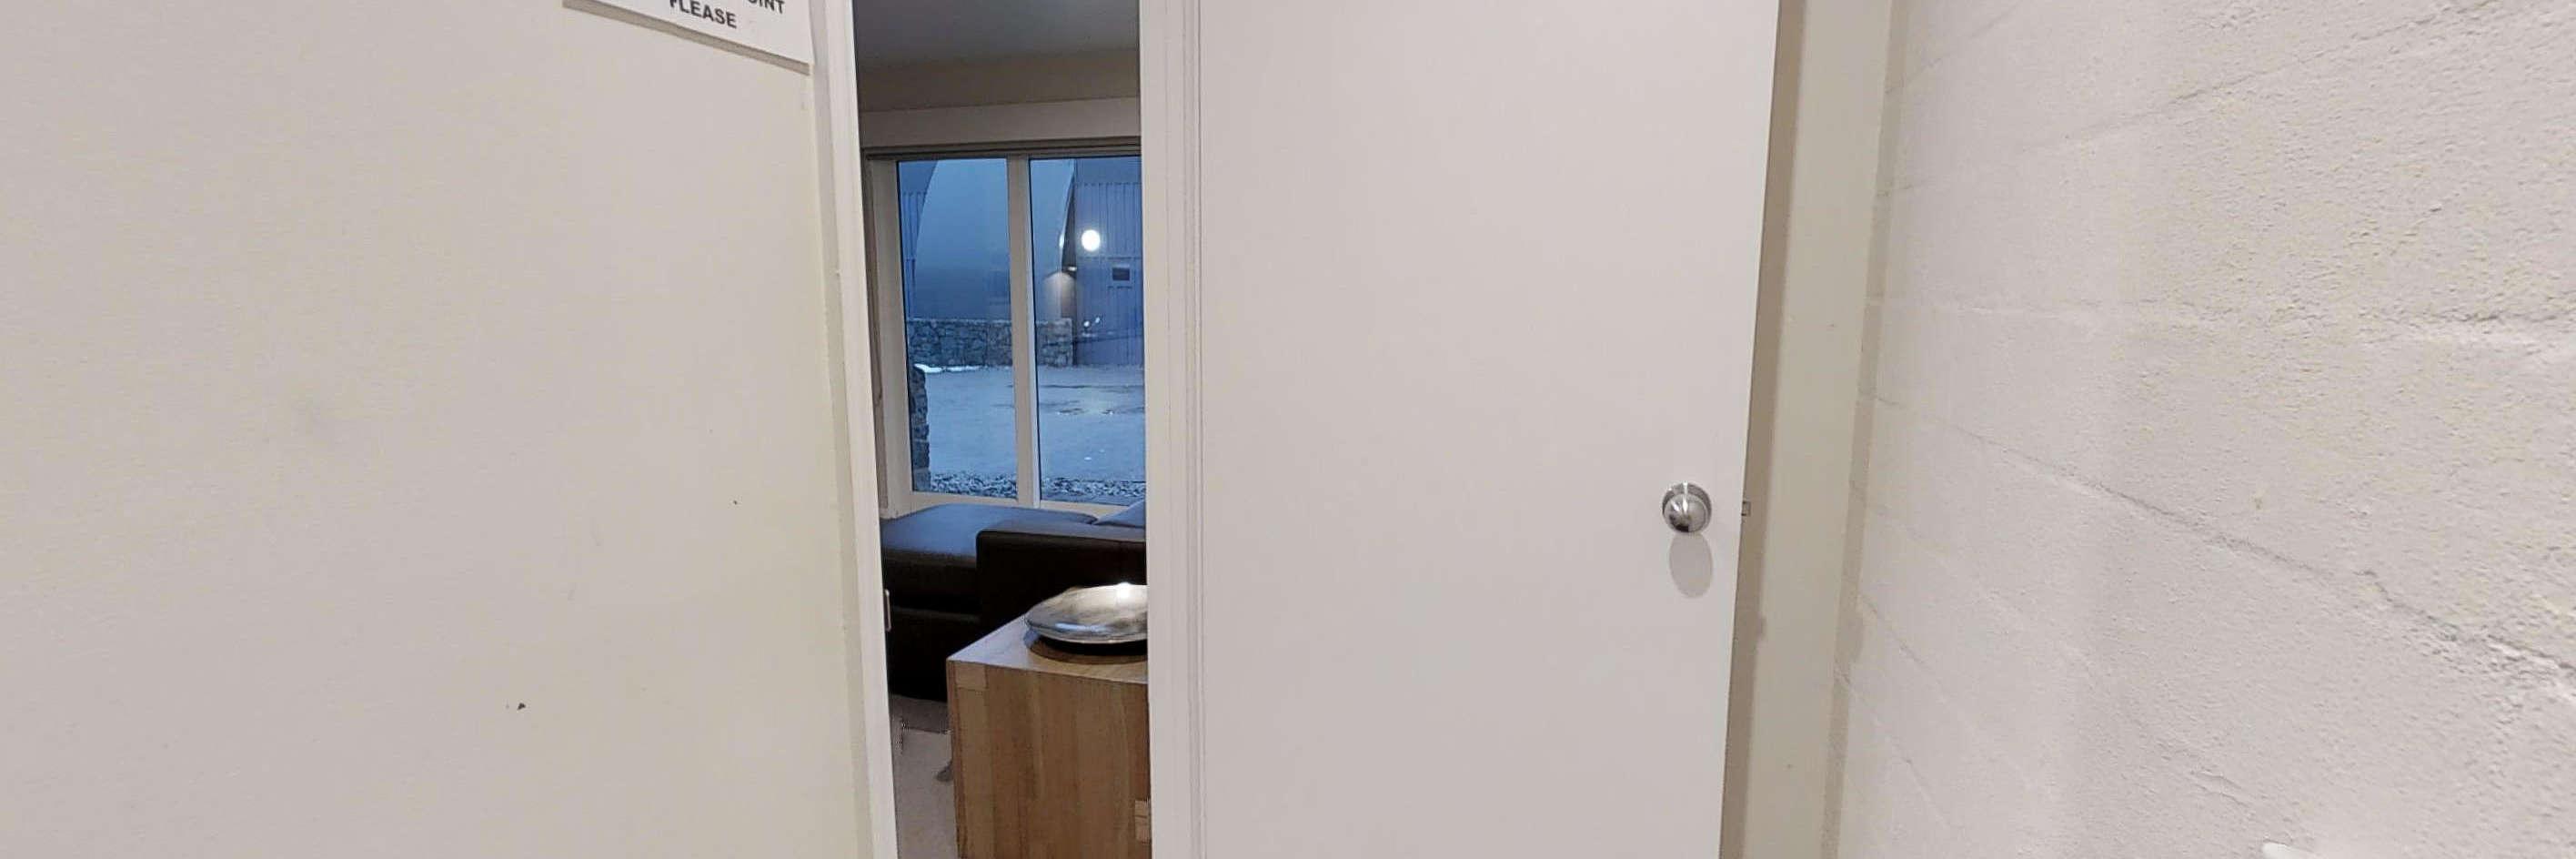 Apartment 10